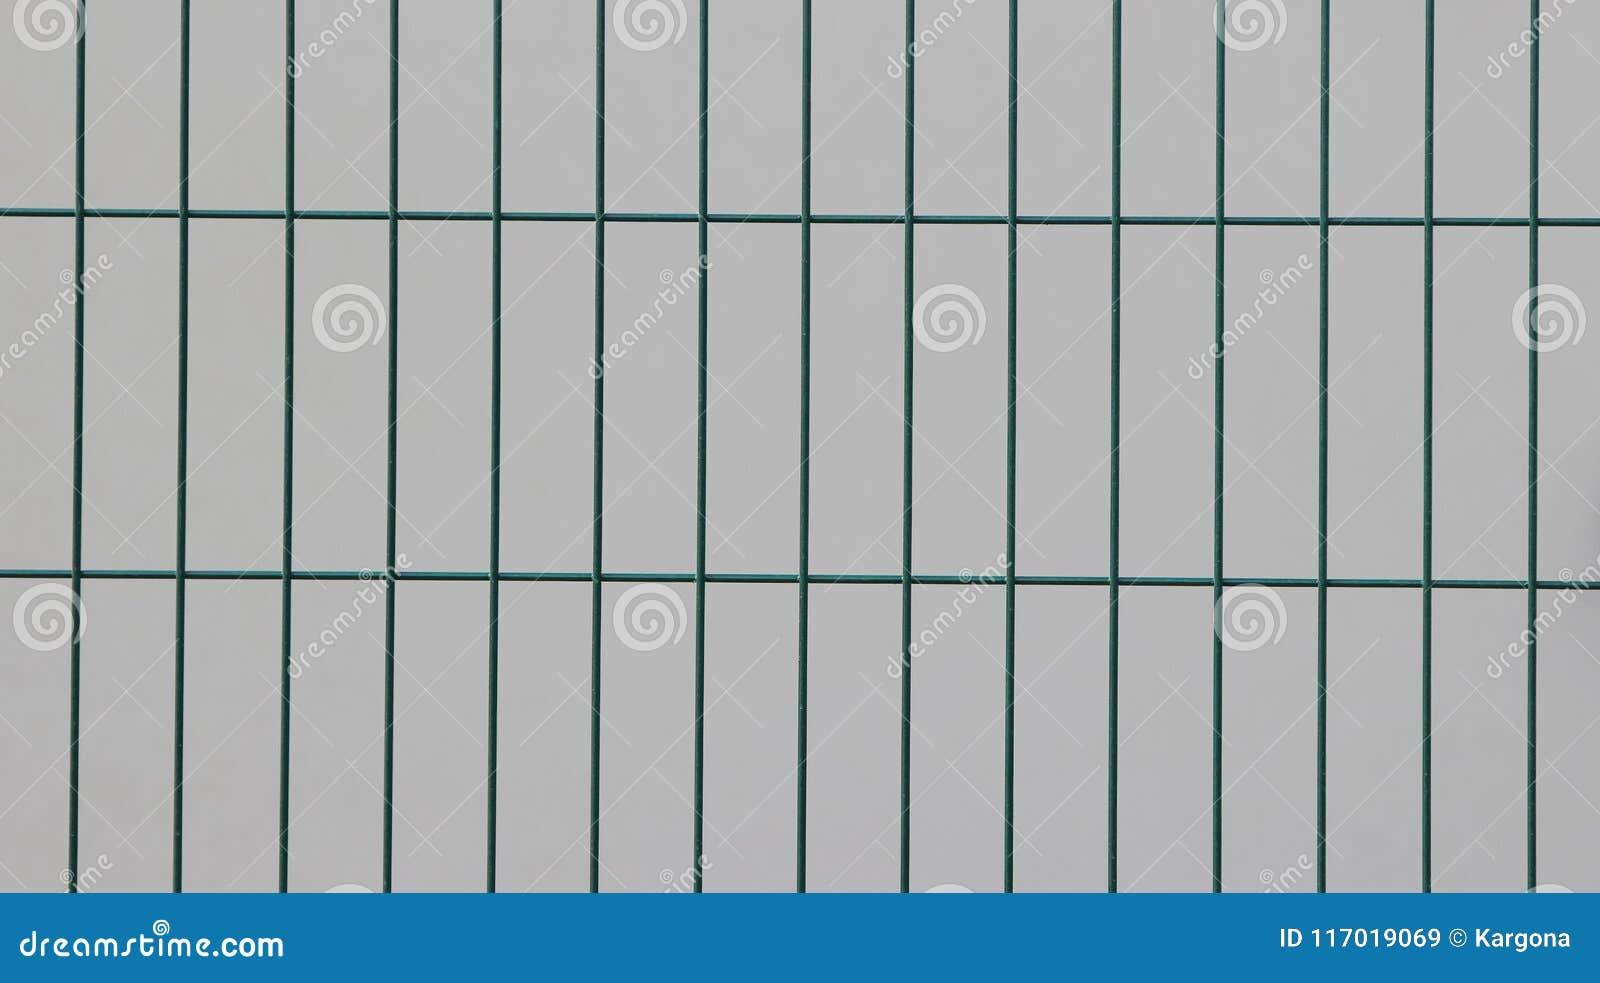 Επιφάνεια ενός ενωμένου στενά φράκτη καλωδίων με τα ορθογώνια στοιχεία που χρωματίζονται σε πράσινο μπροστά από έναν άσπρο τοίχο